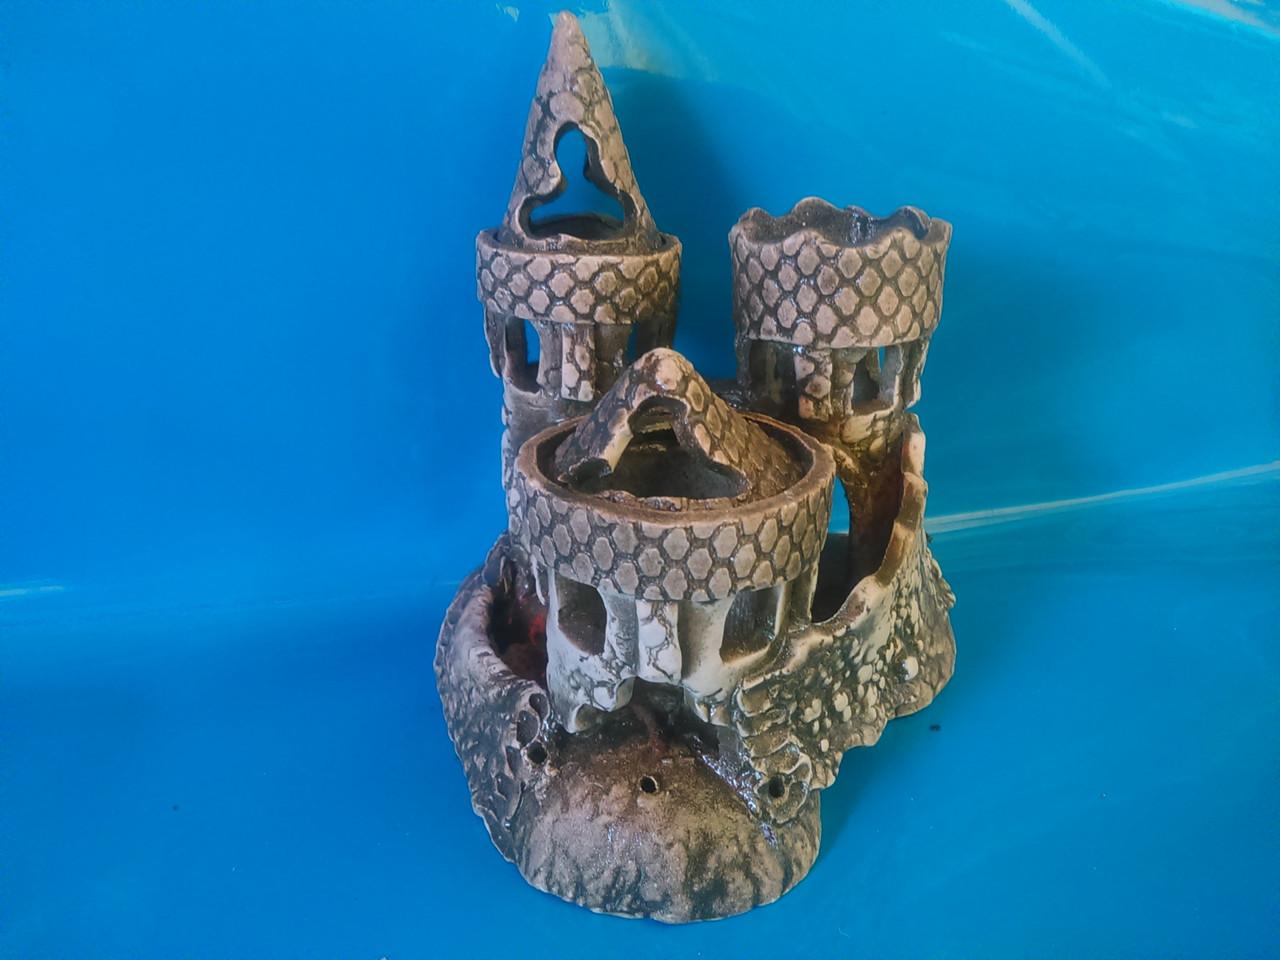 Замок тройной, малый д-12, ш-12, в-15